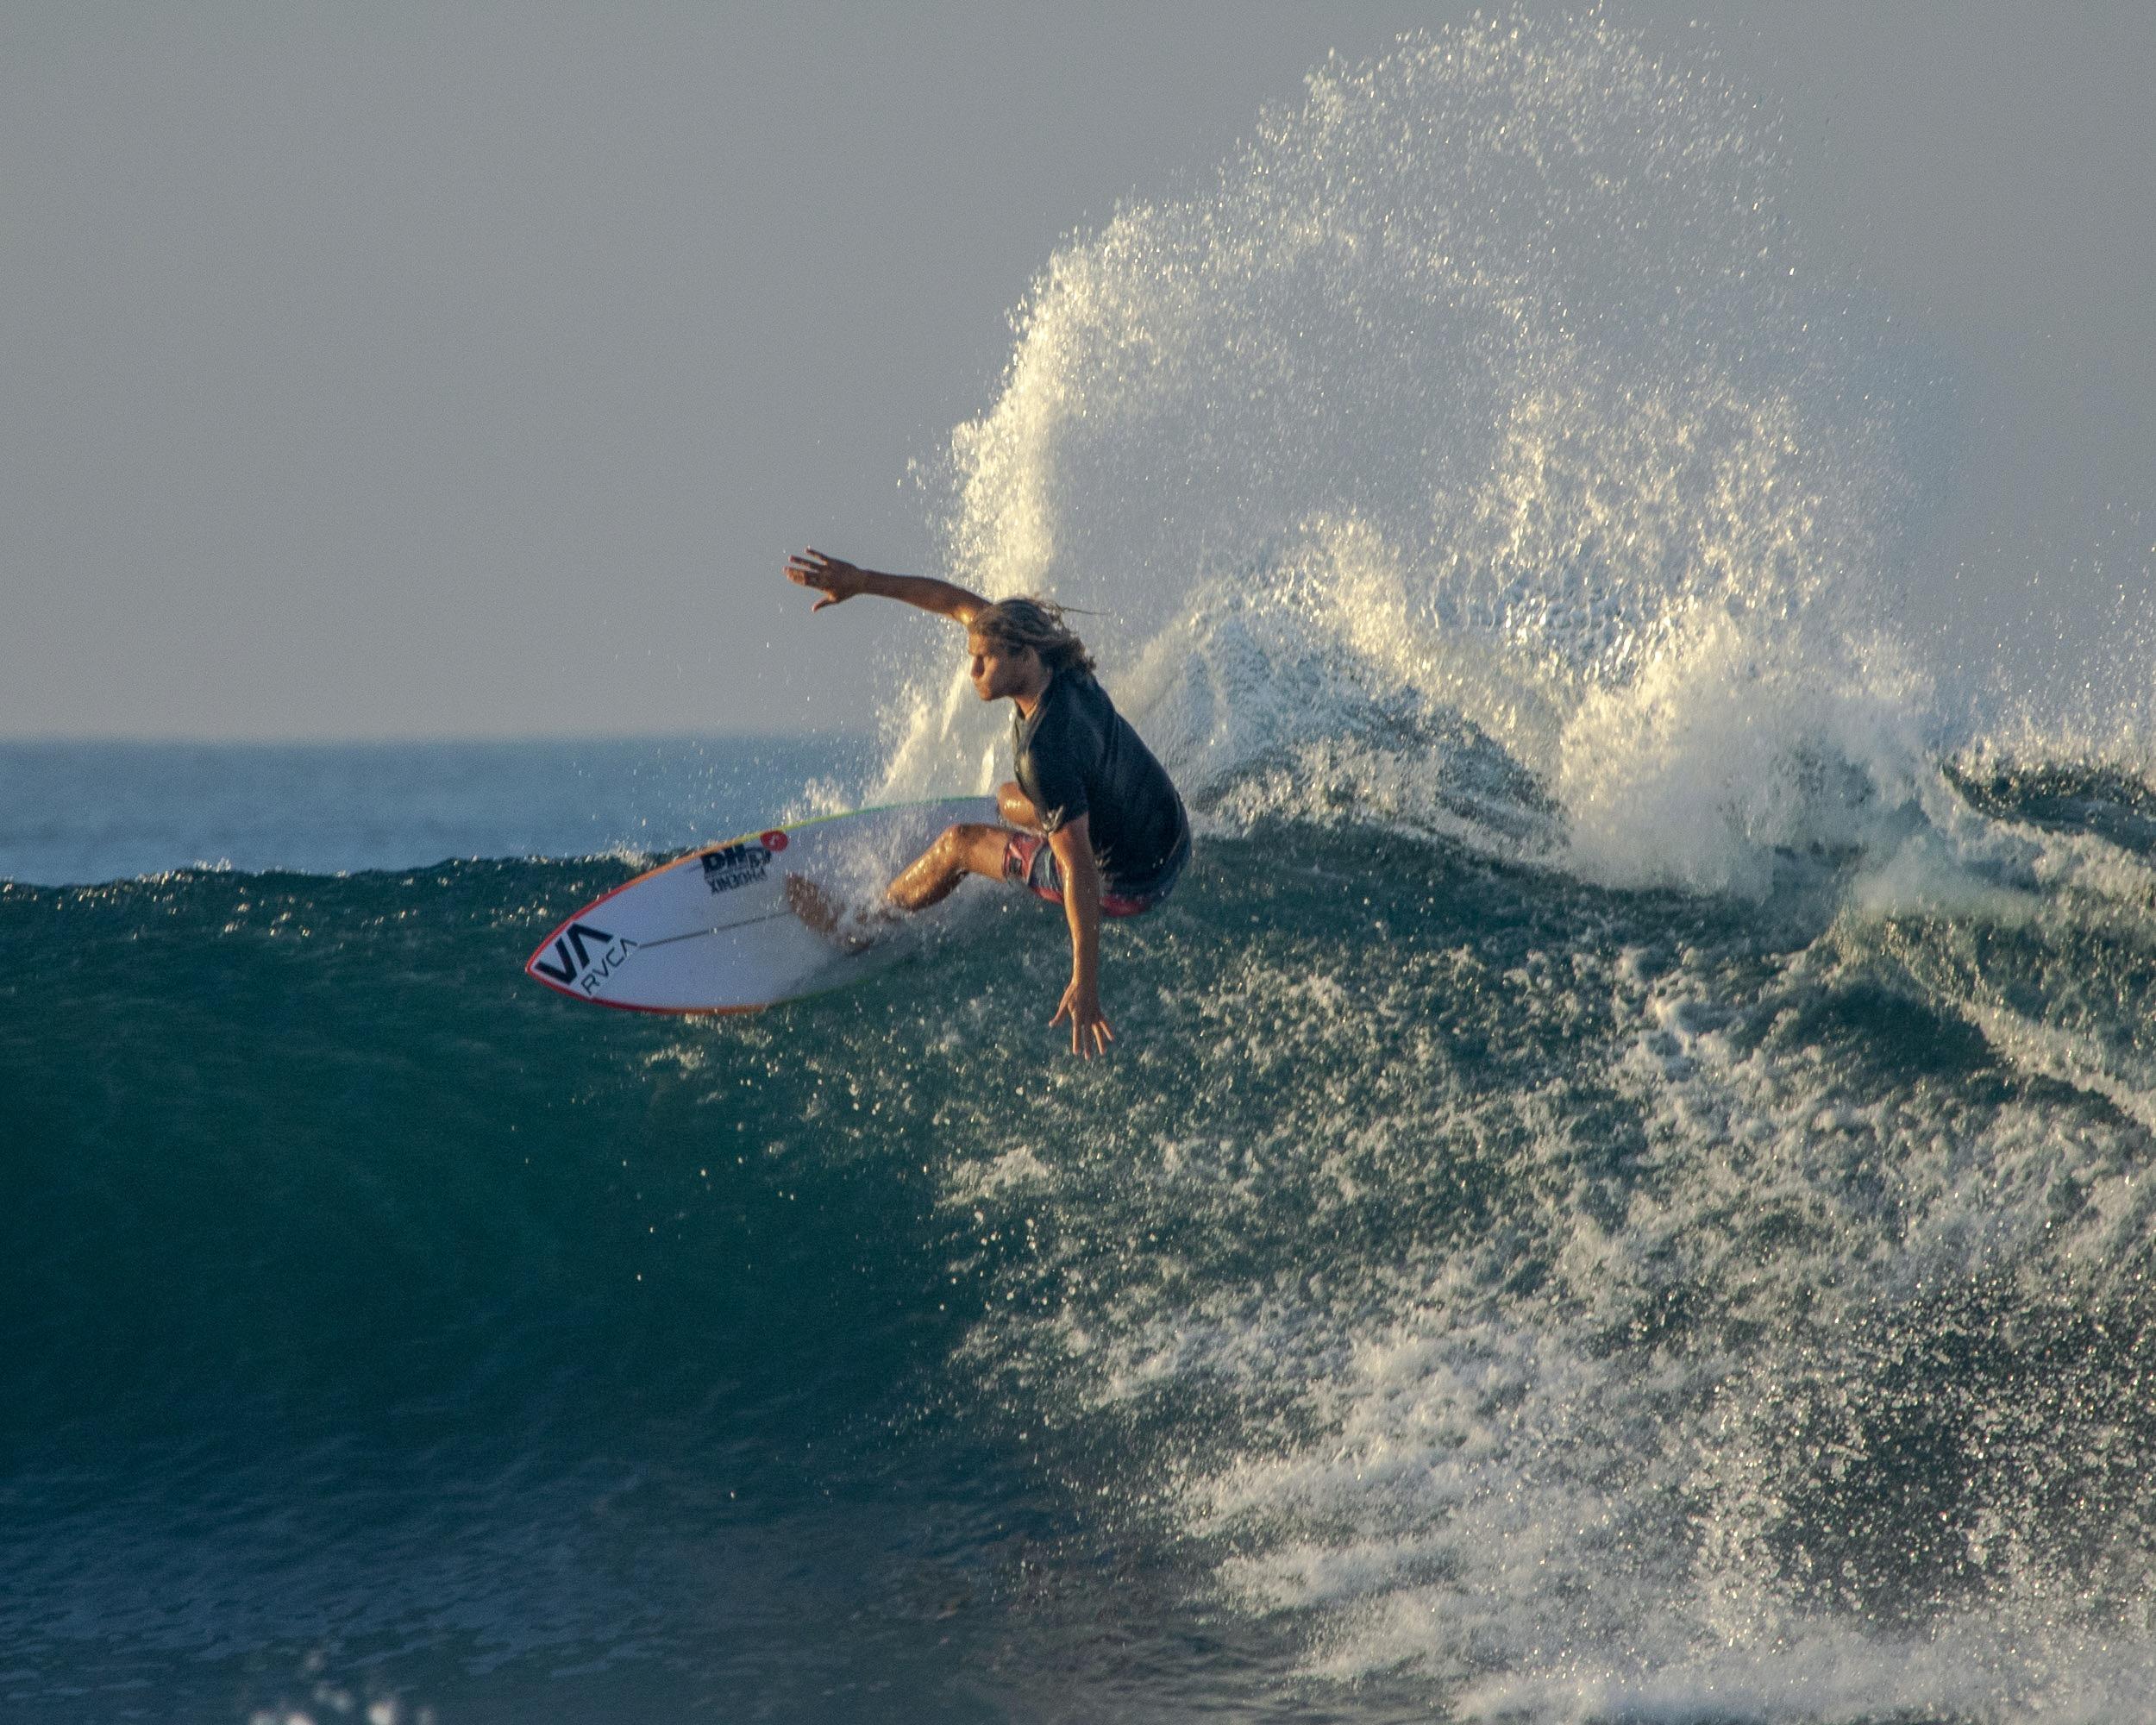 Ricardo_Surf-3684.JPG